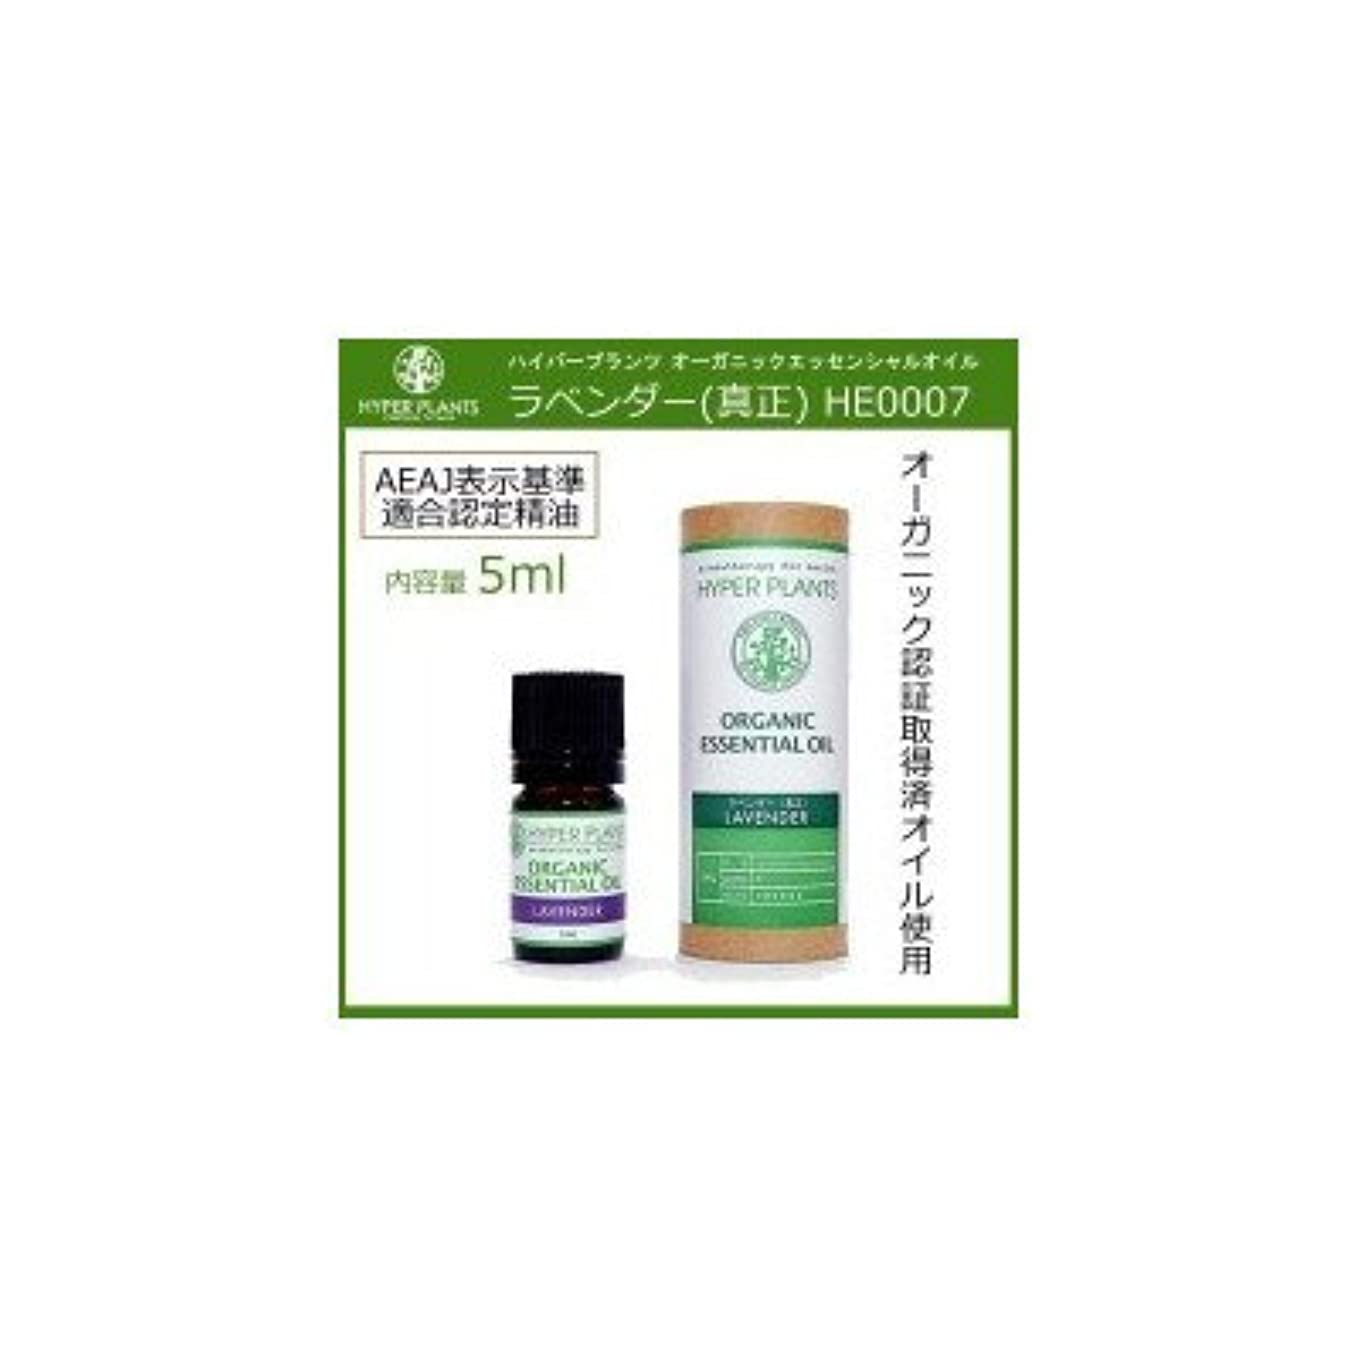 対人準備ができて輸血毎日の生活にアロマの香りを HYPER PLANTS ハイパープランツ オーガニックエッセンシャルオイル ラベンダー 真正 5ml HE0007